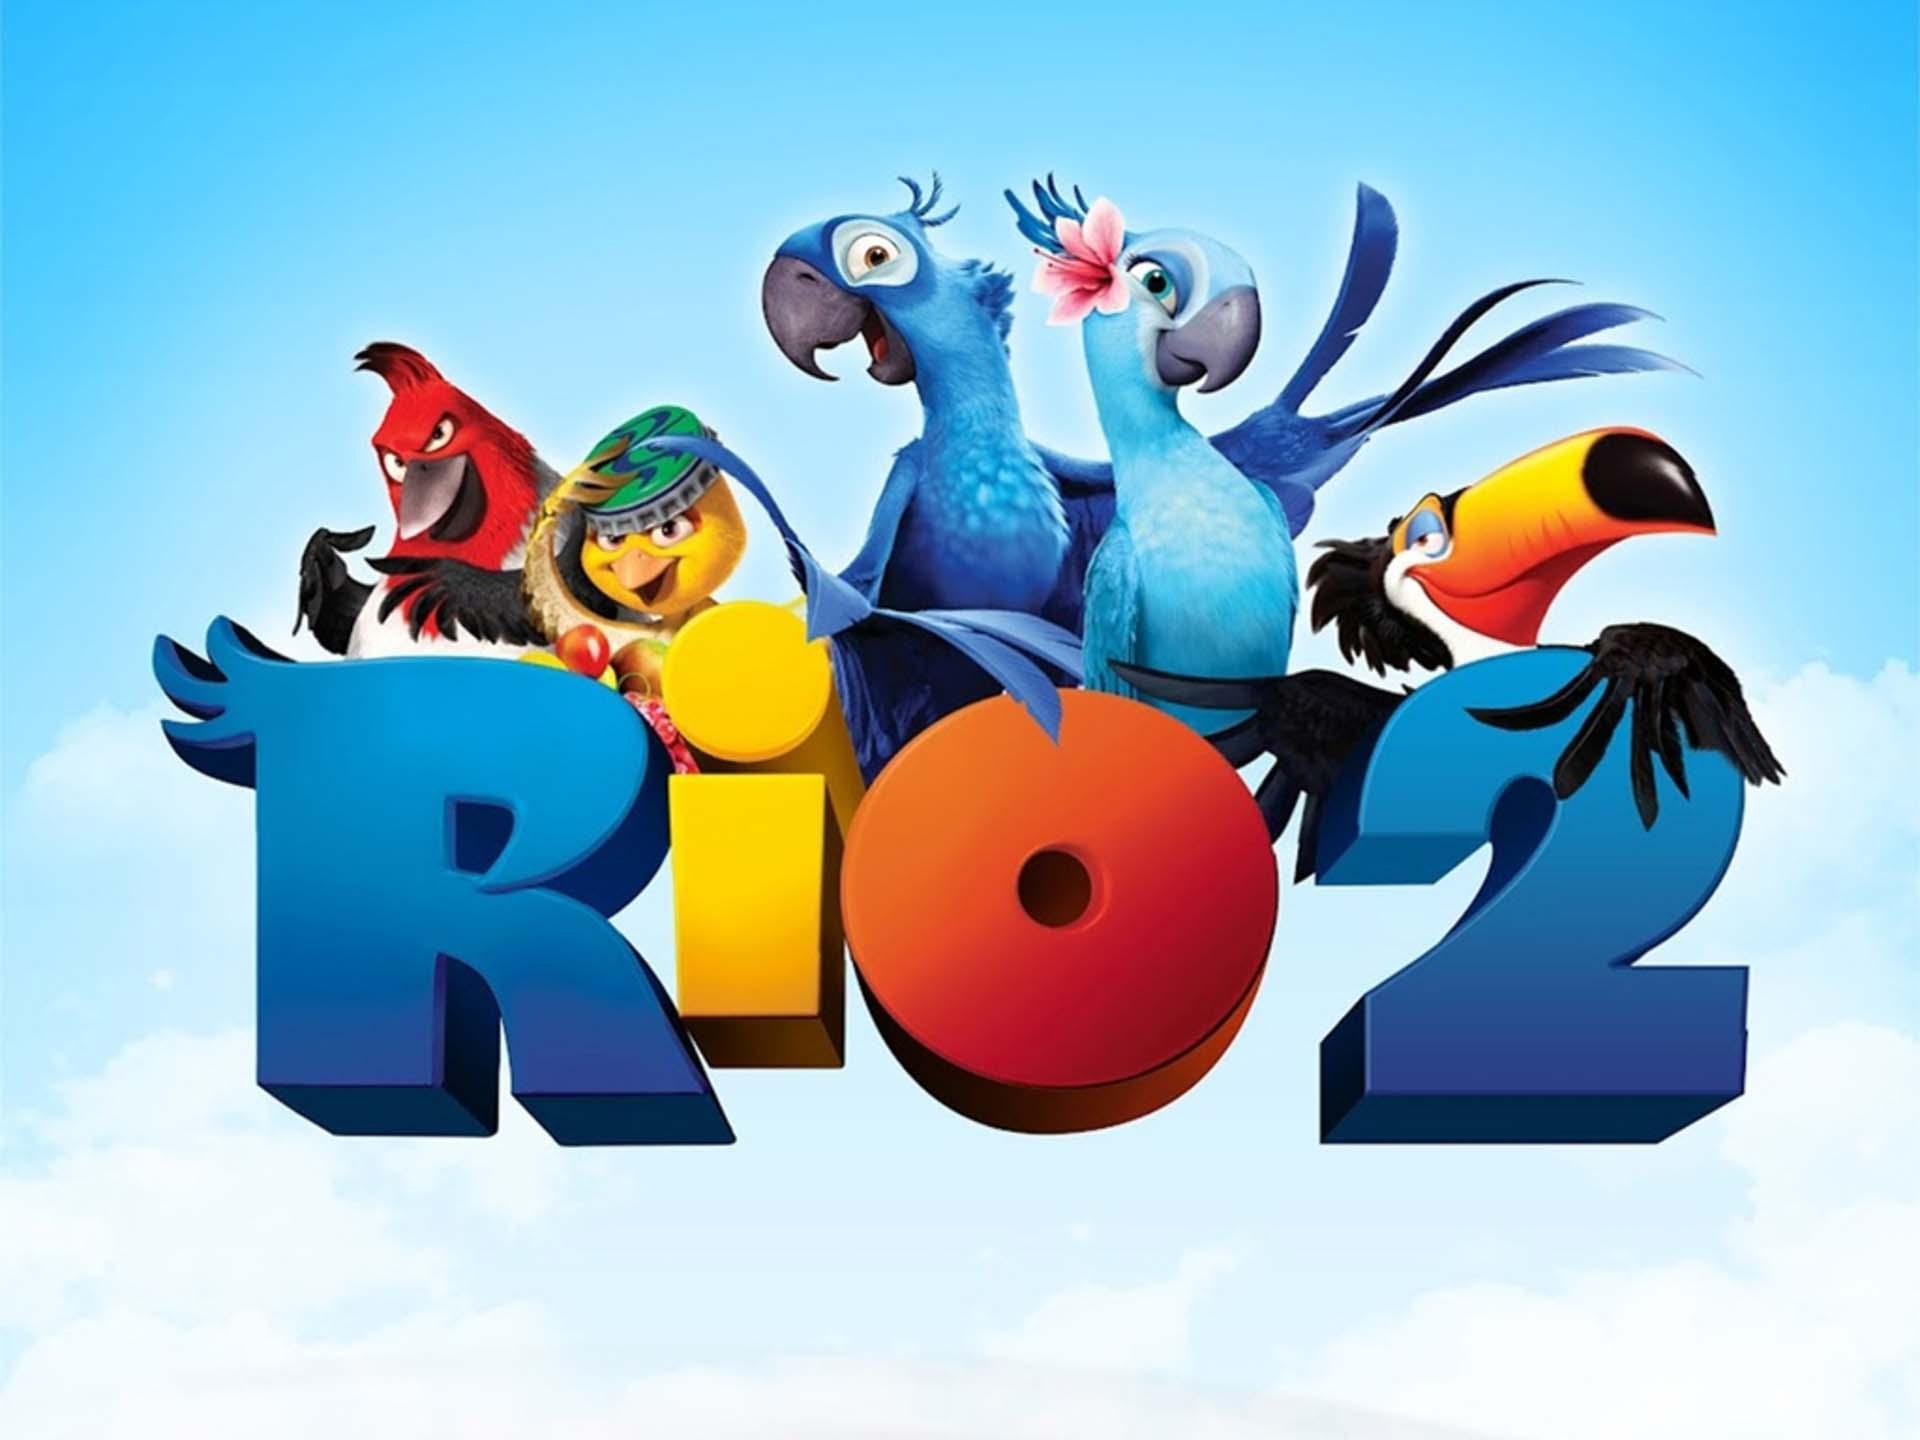 Rio 2 Movie Wallpaper Rio 2 Film Poster Wallpaper